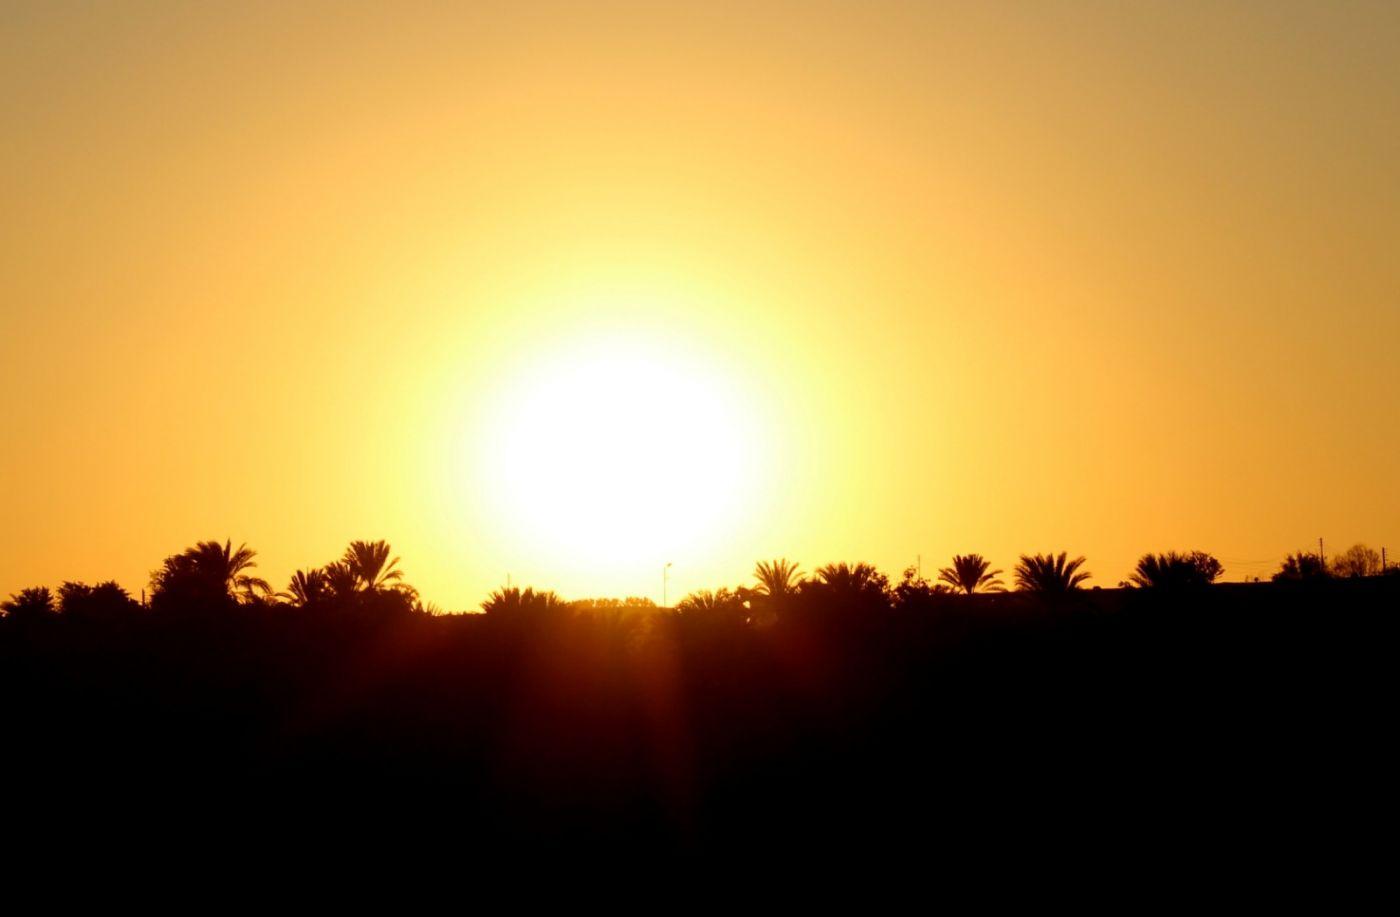 埃及尼罗河风光_图1-53